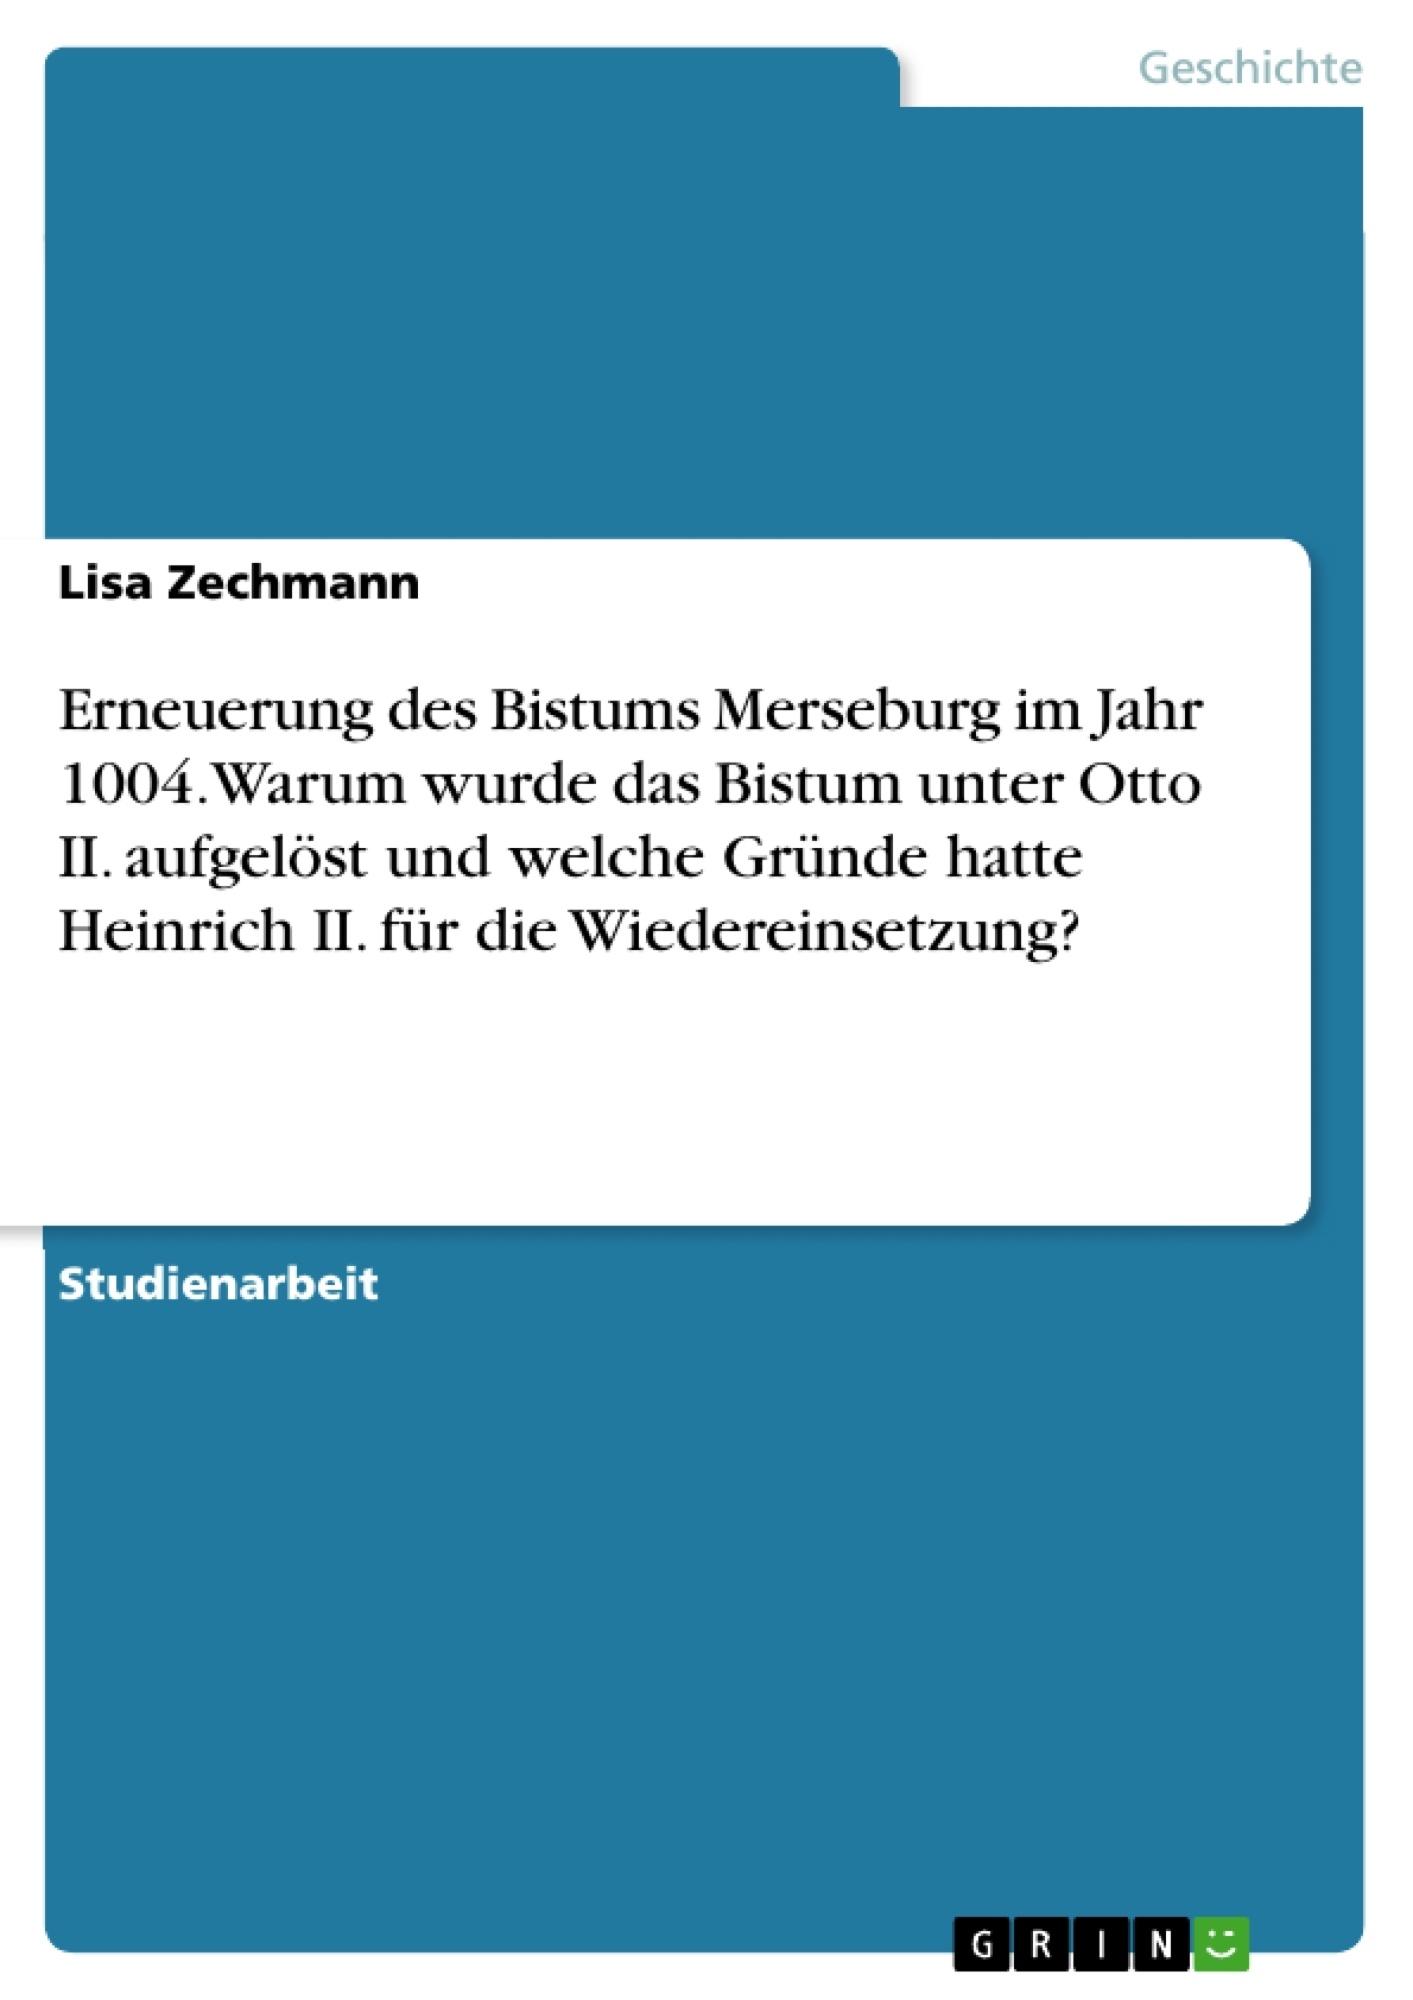 Titel: Erneuerung des Bistums Merseburg im Jahr 1004. Warum wurde das Bistum unter Otto II. aufgelöst und welche Gründe hatte Heinrich II. für die Wiedereinsetzung?